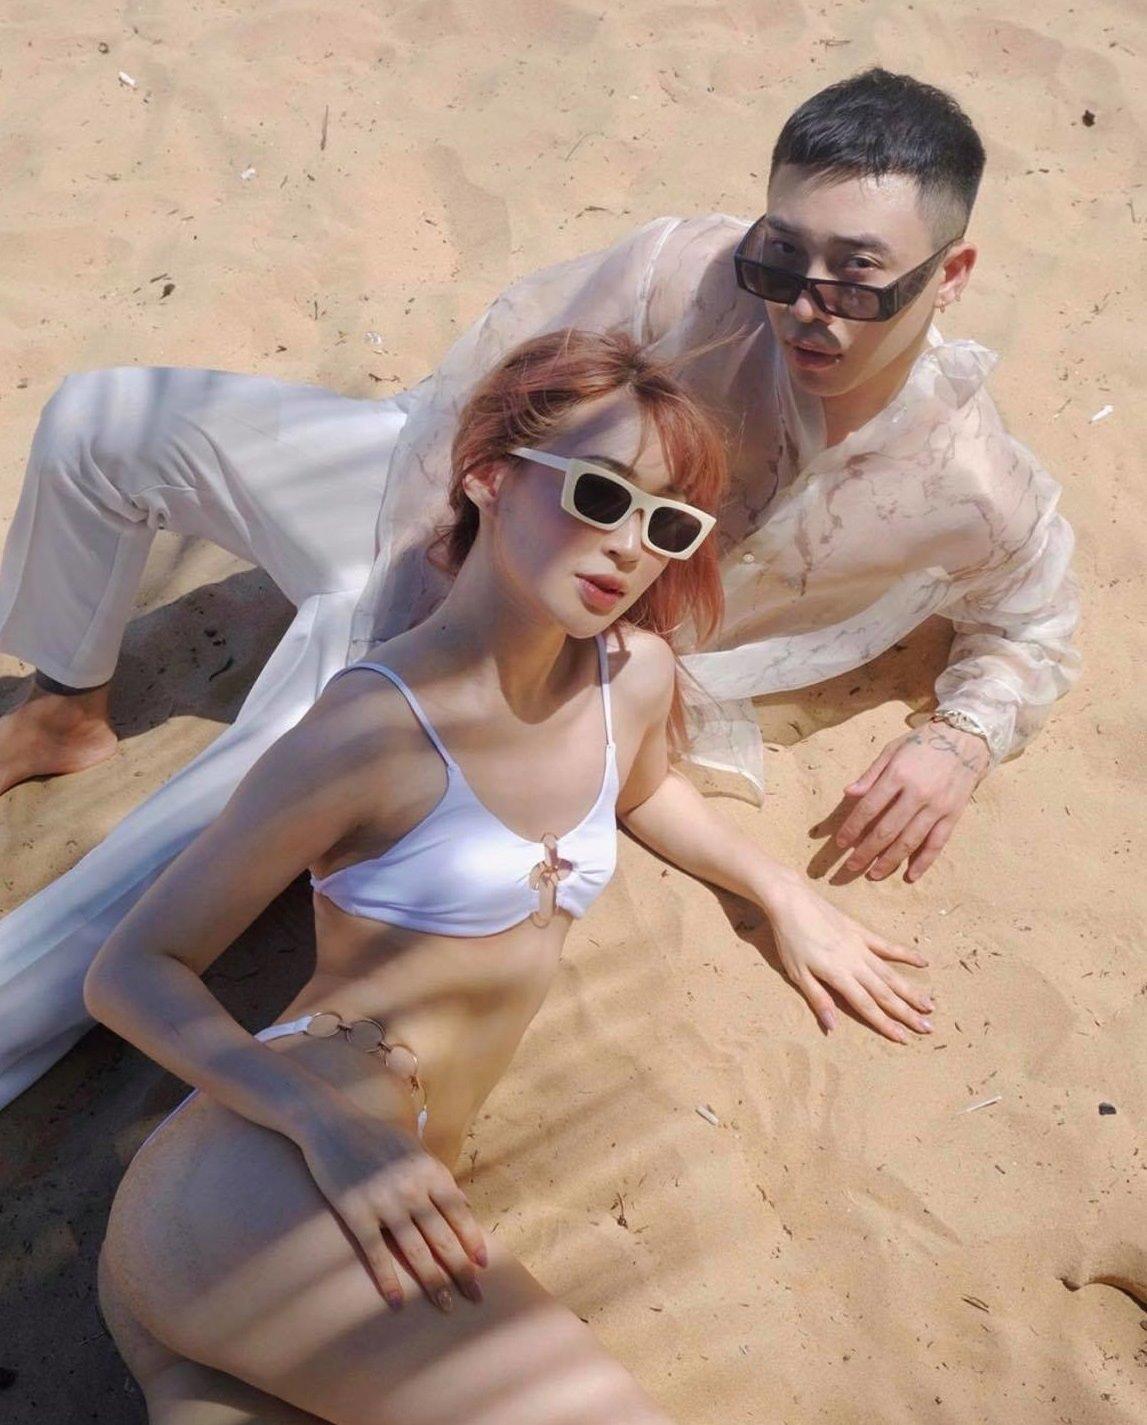 Trào lưu chụp ảnh Belfie ở bãi biển biến tướng gây phản cảm - 3